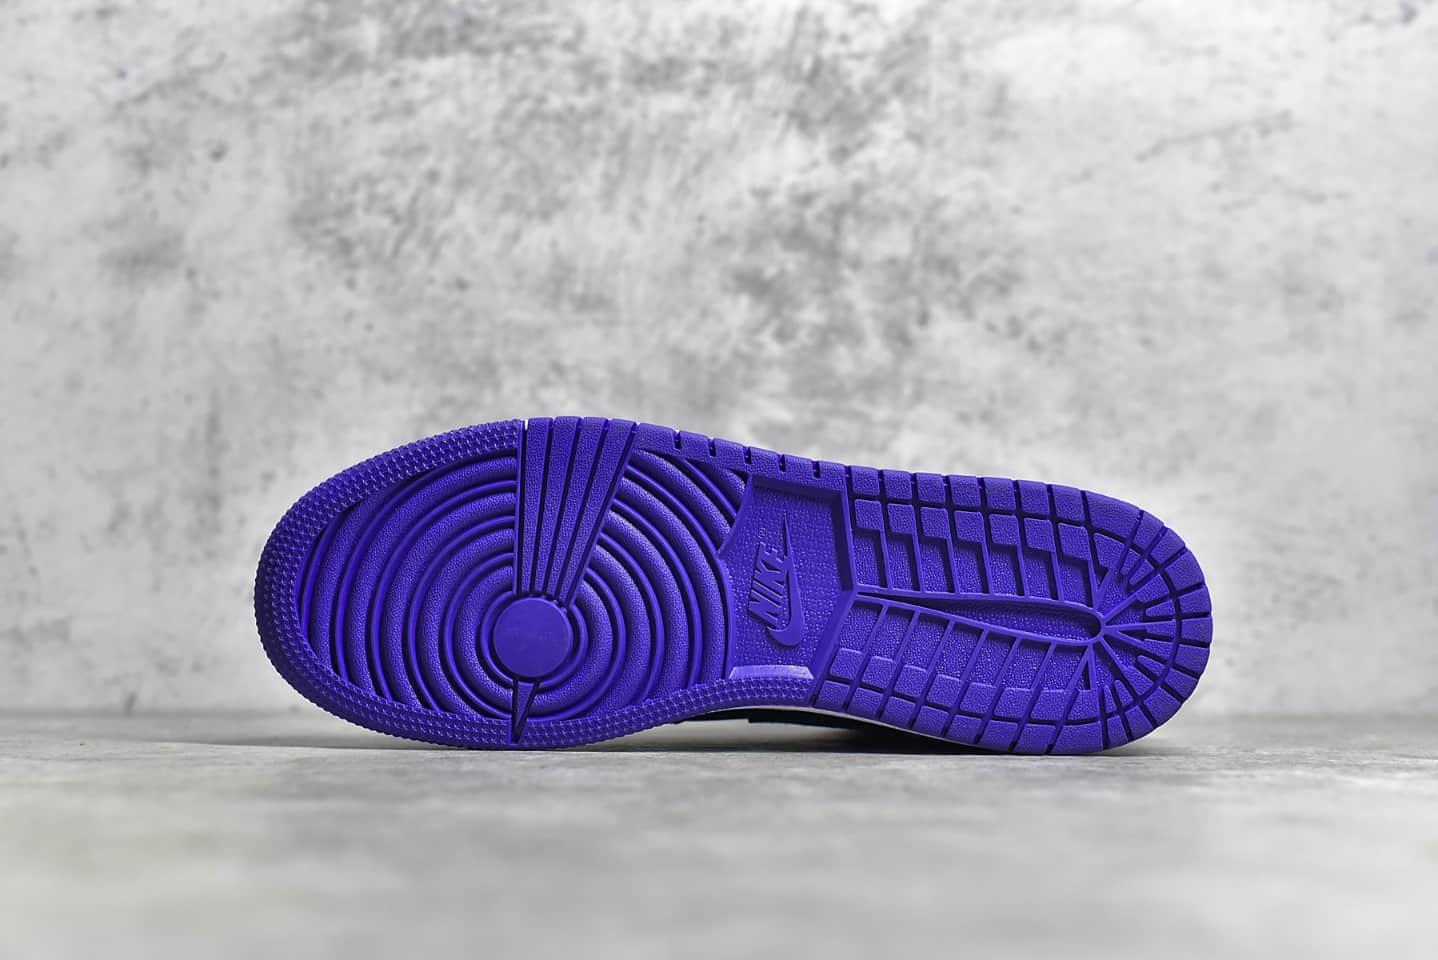 AJ1黑紫中帮纯原版本 Air Jordan 1Mid Black Dark Concord 莆田AJ1顶级品质 货号:554125-051-潮流者之家